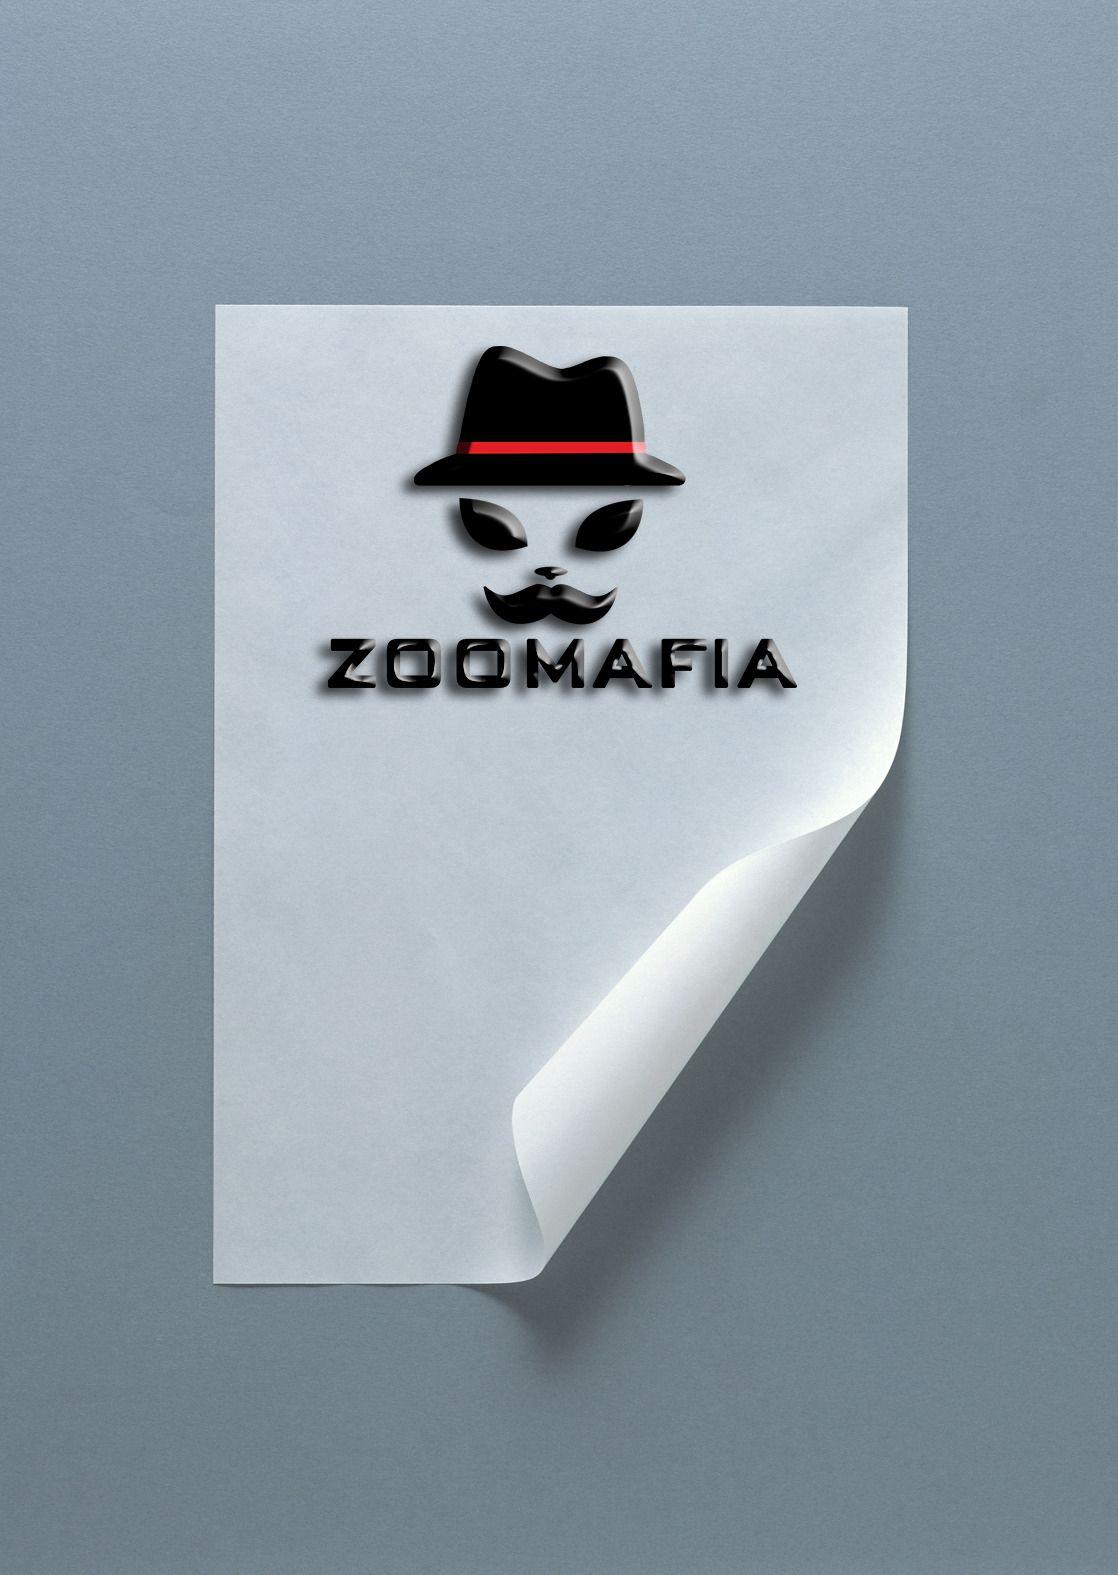 Логотип для интернет магазина зоотоваров - дизайнер khanman